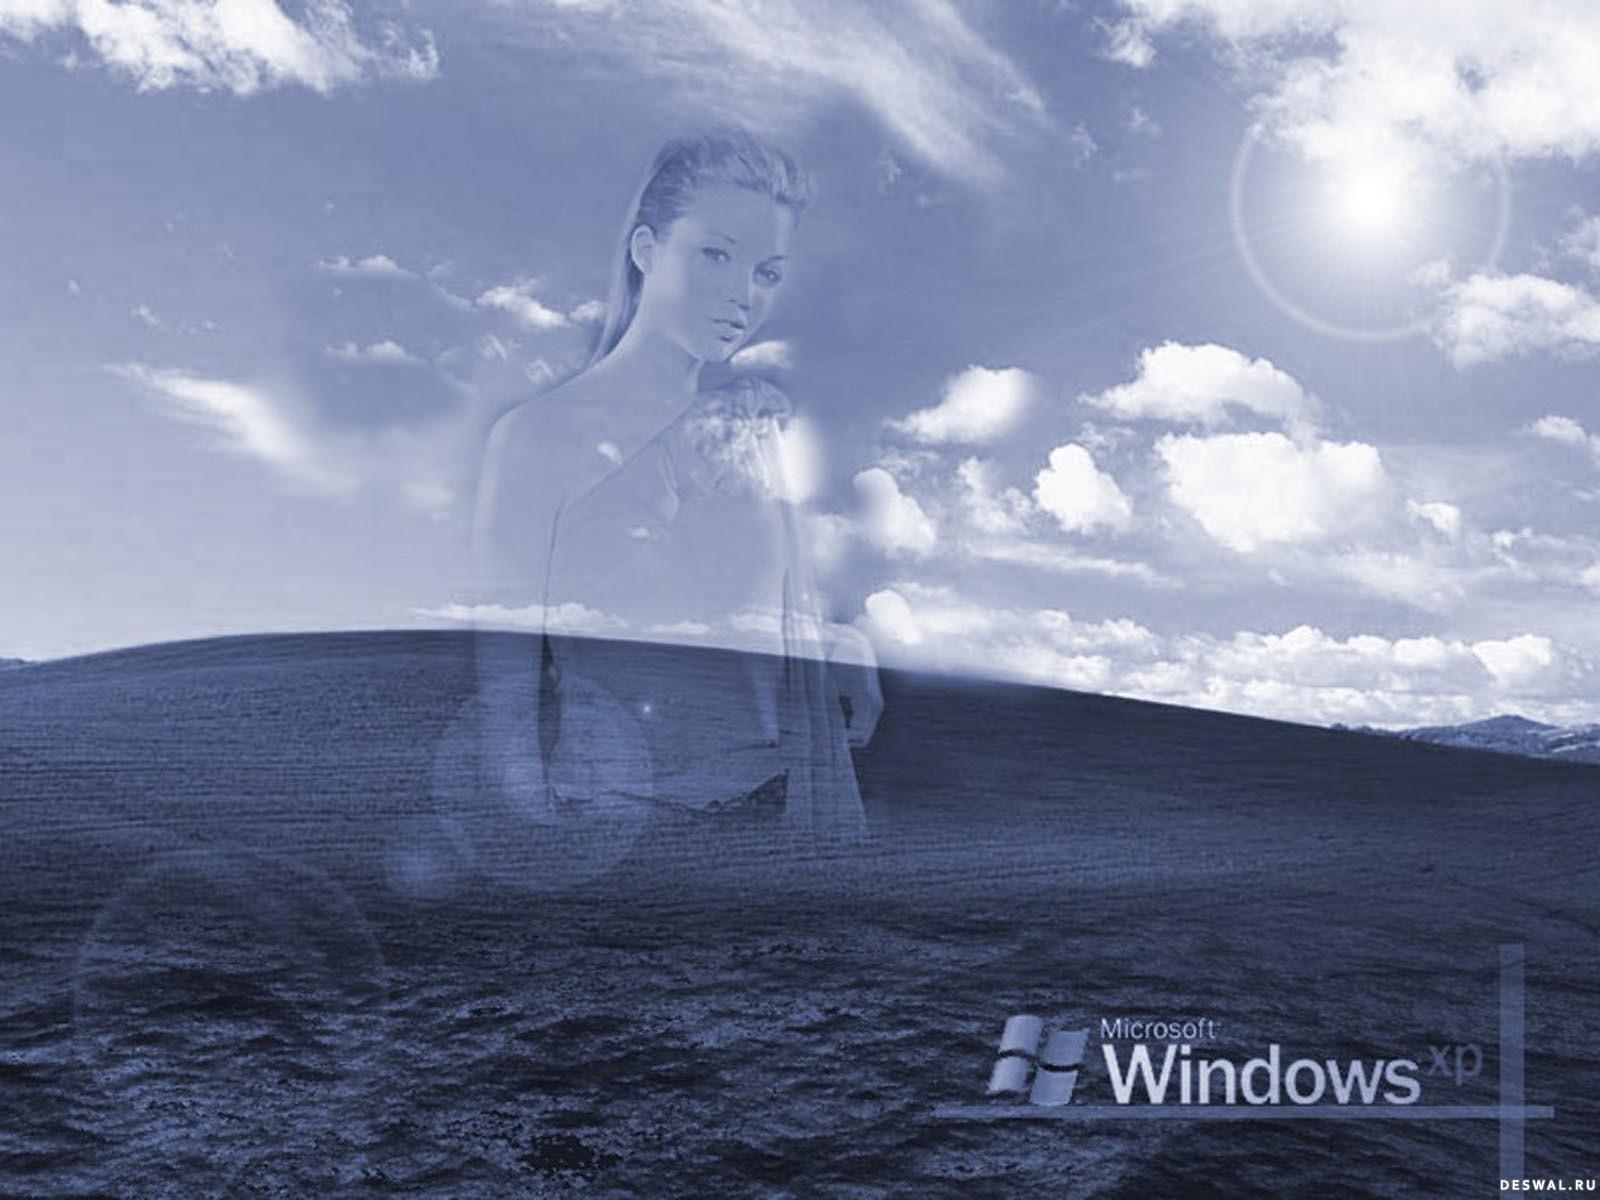 Фото 122. Нажмите на картинку с обоями windows, чтобы просмотреть ее в реальном размере